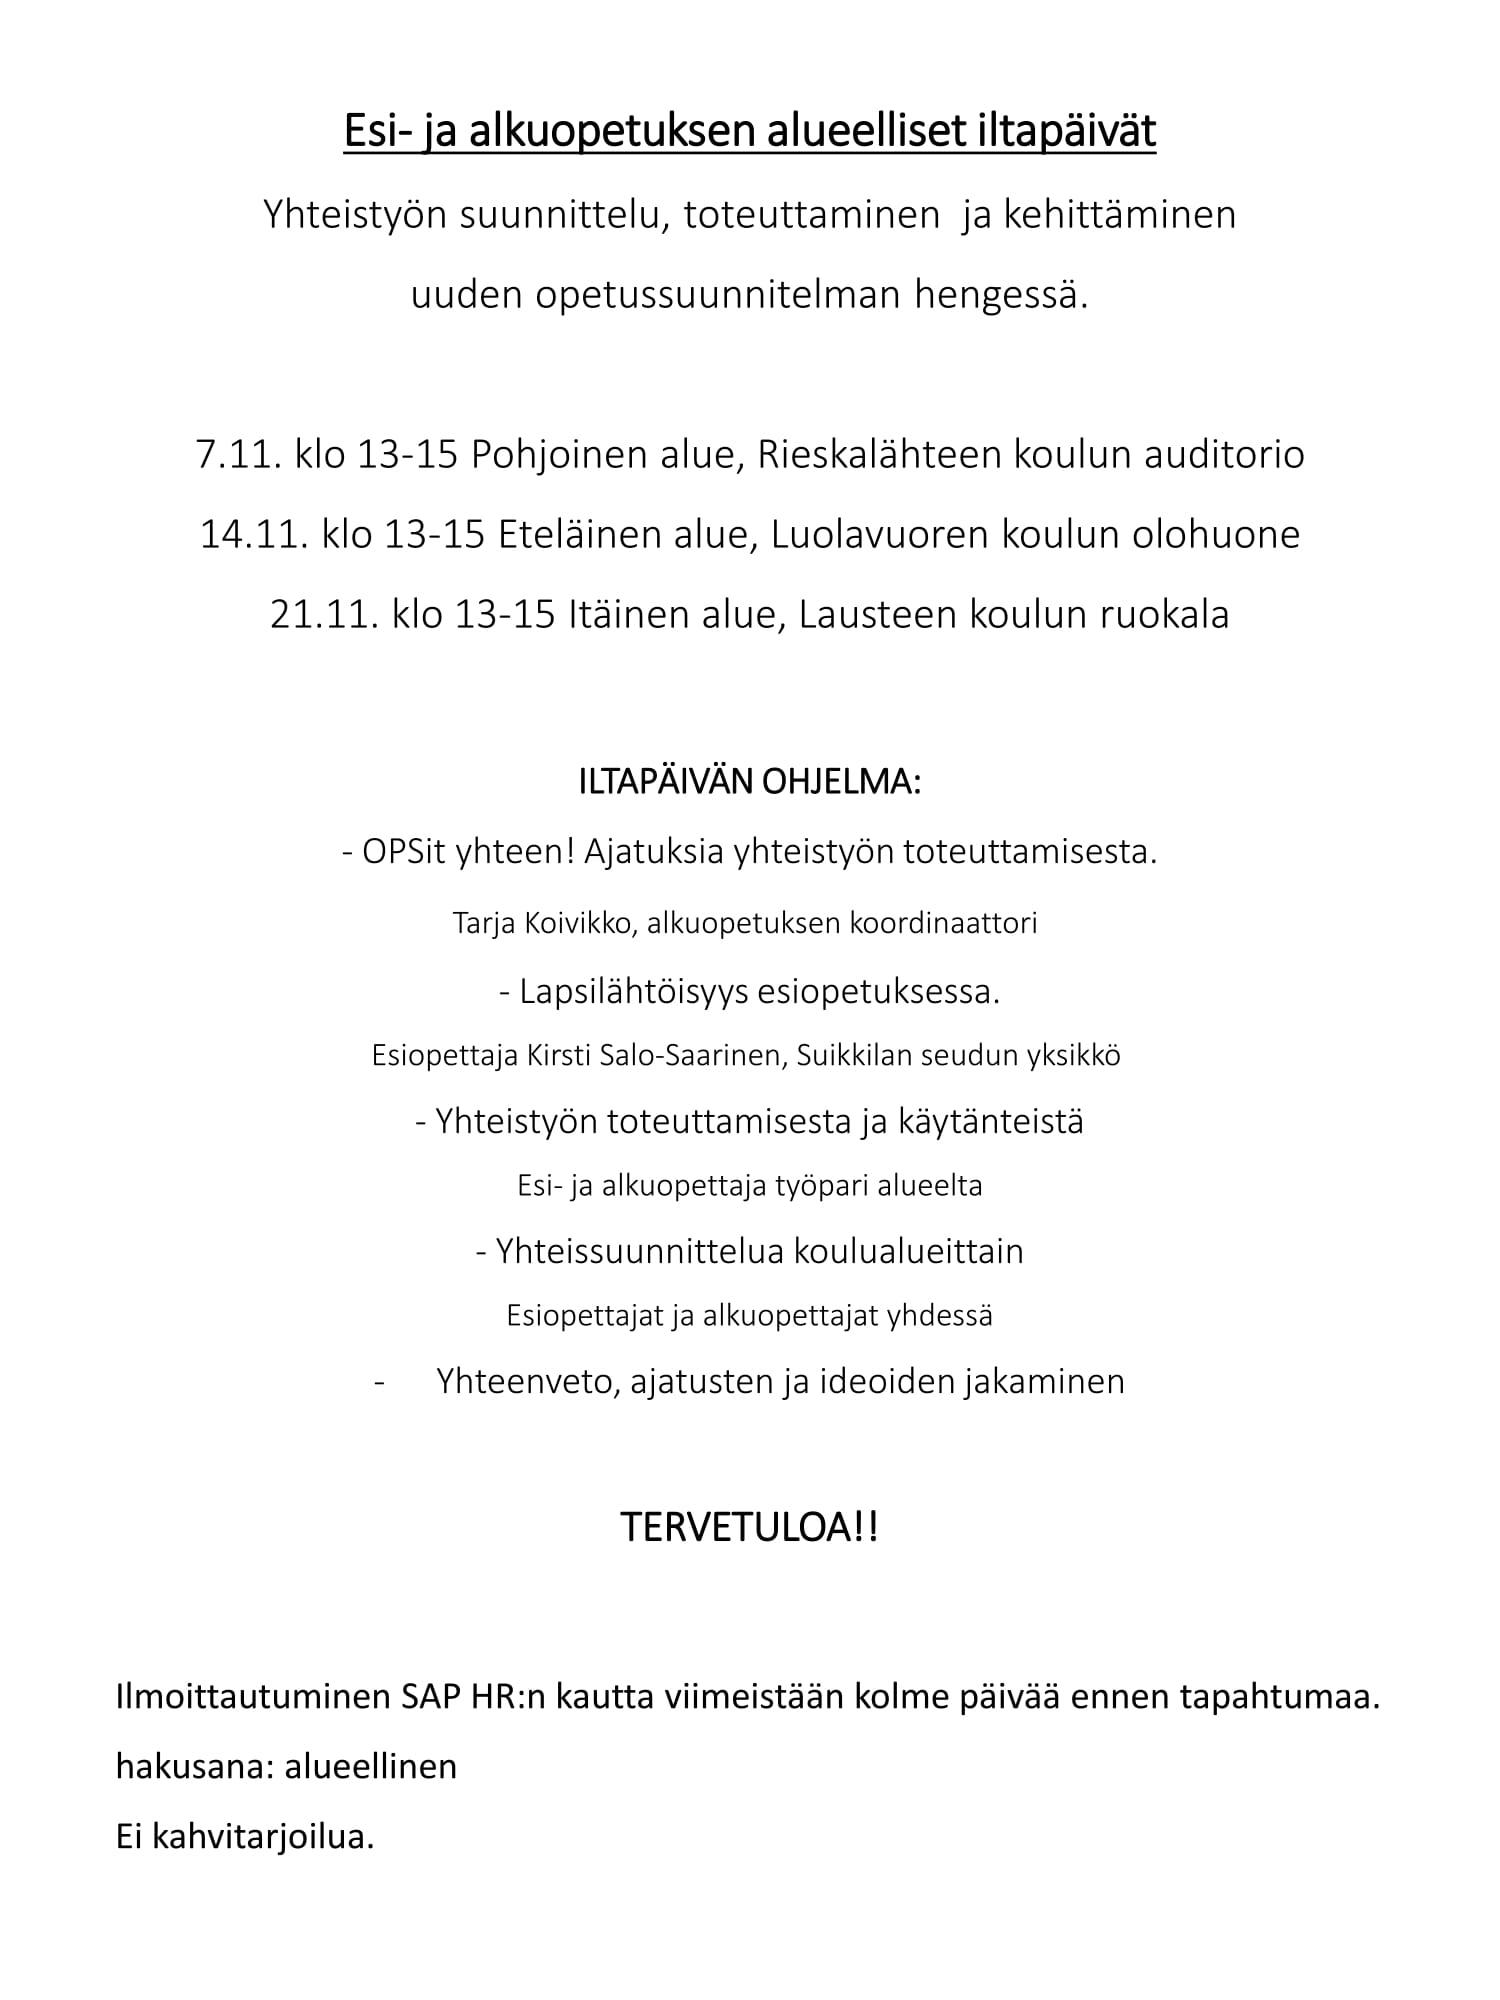 kutsu-alueellinen-1